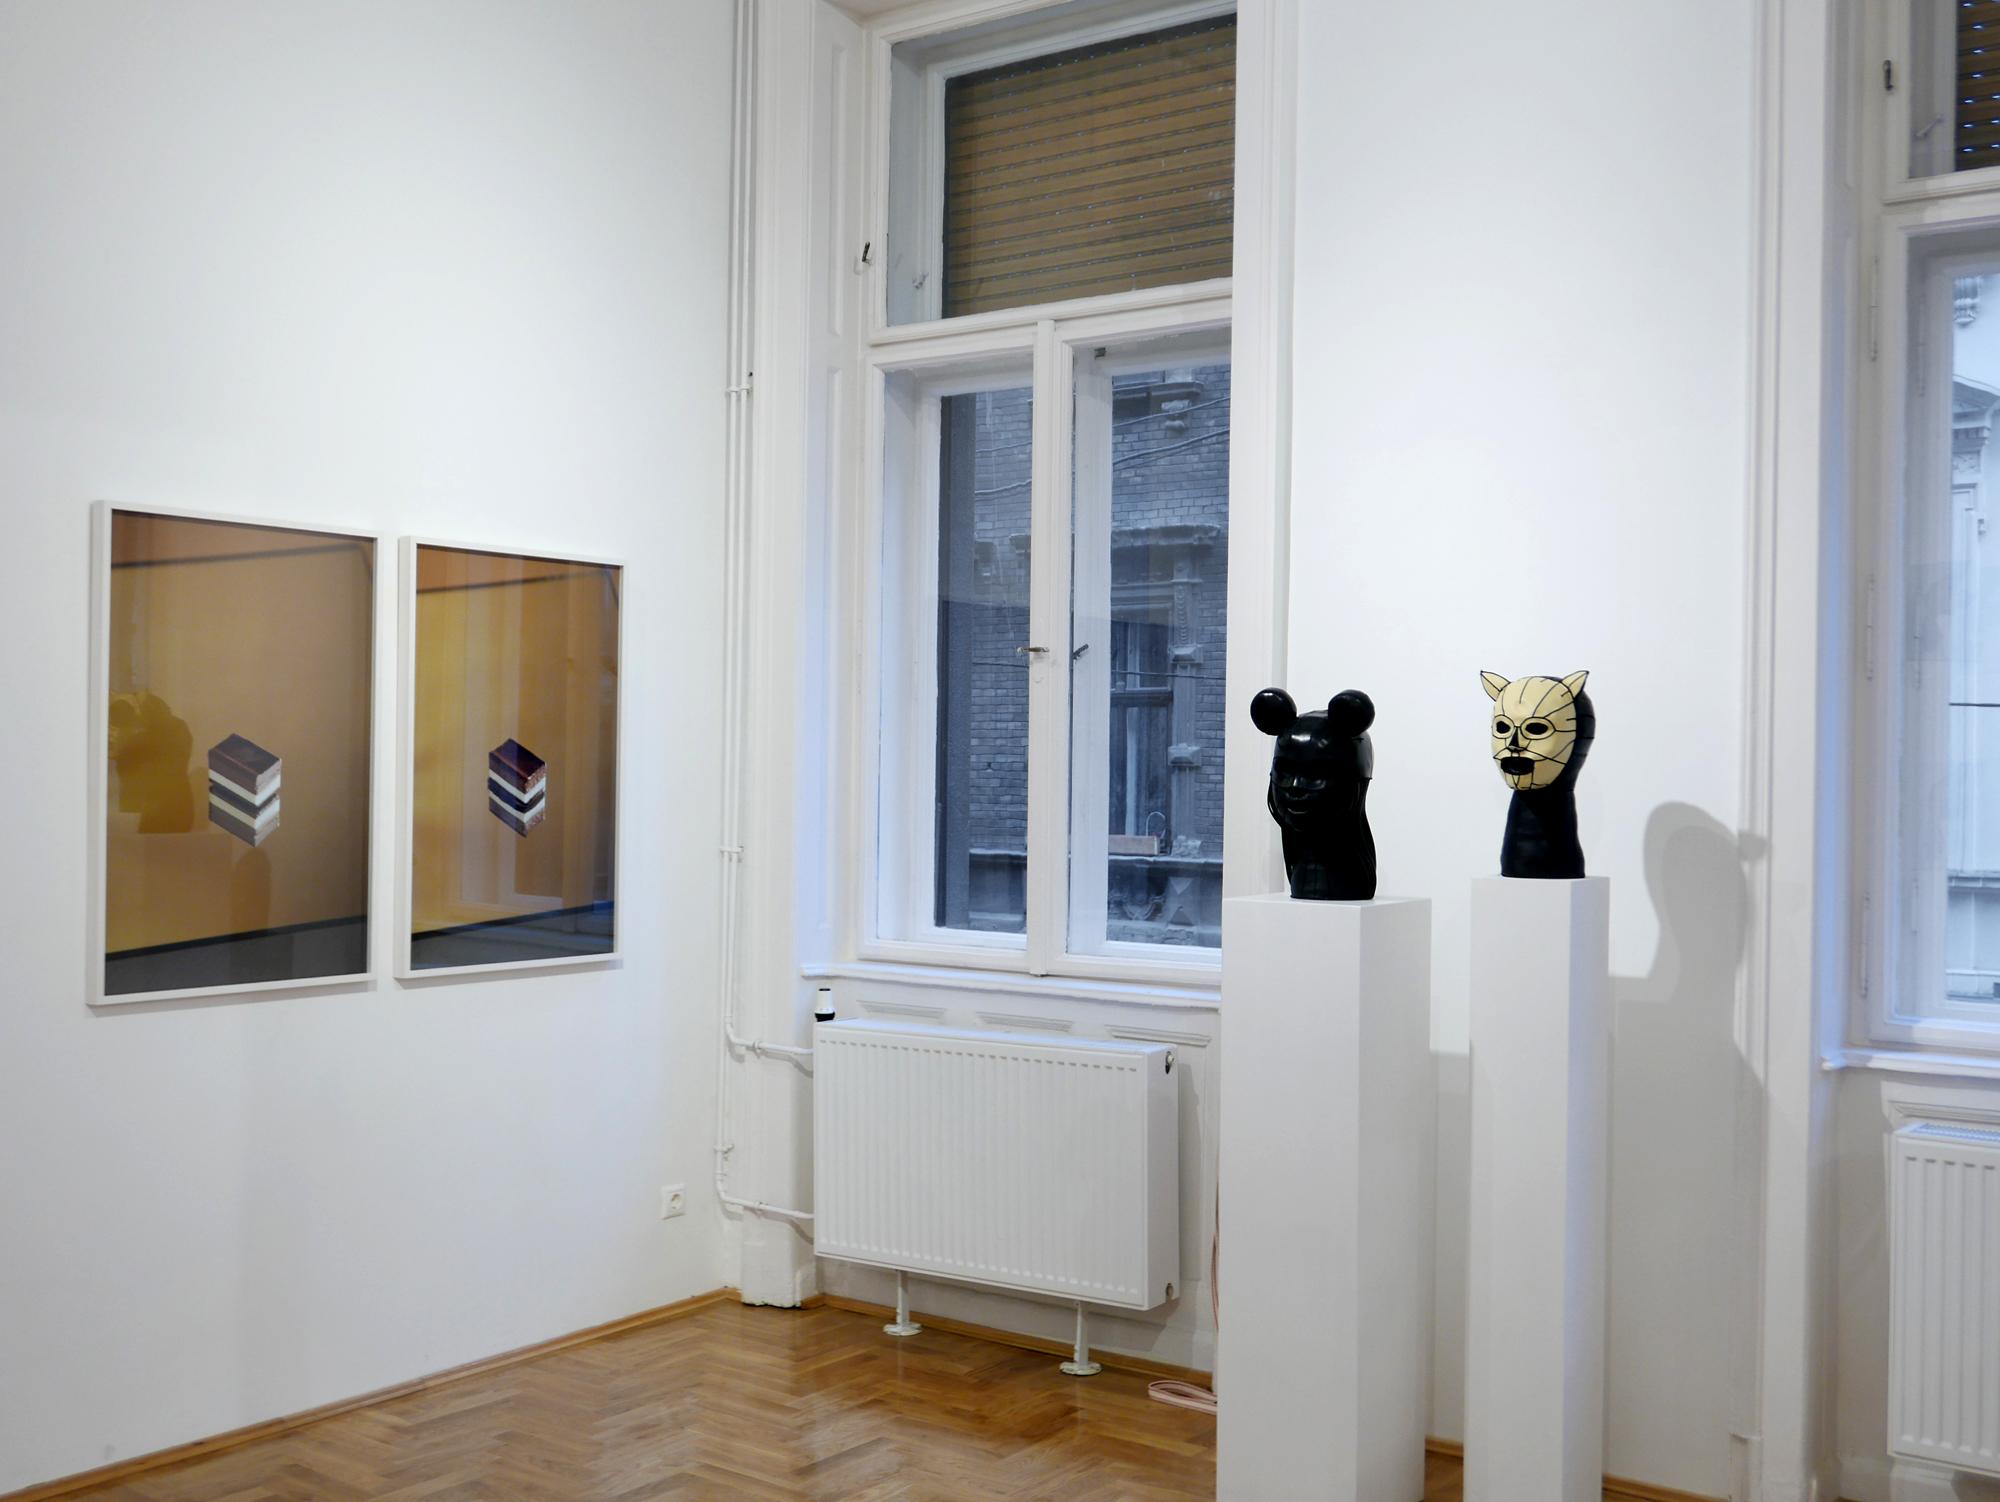 Radek Brousil, Aneta Grzeszykowska view of the show